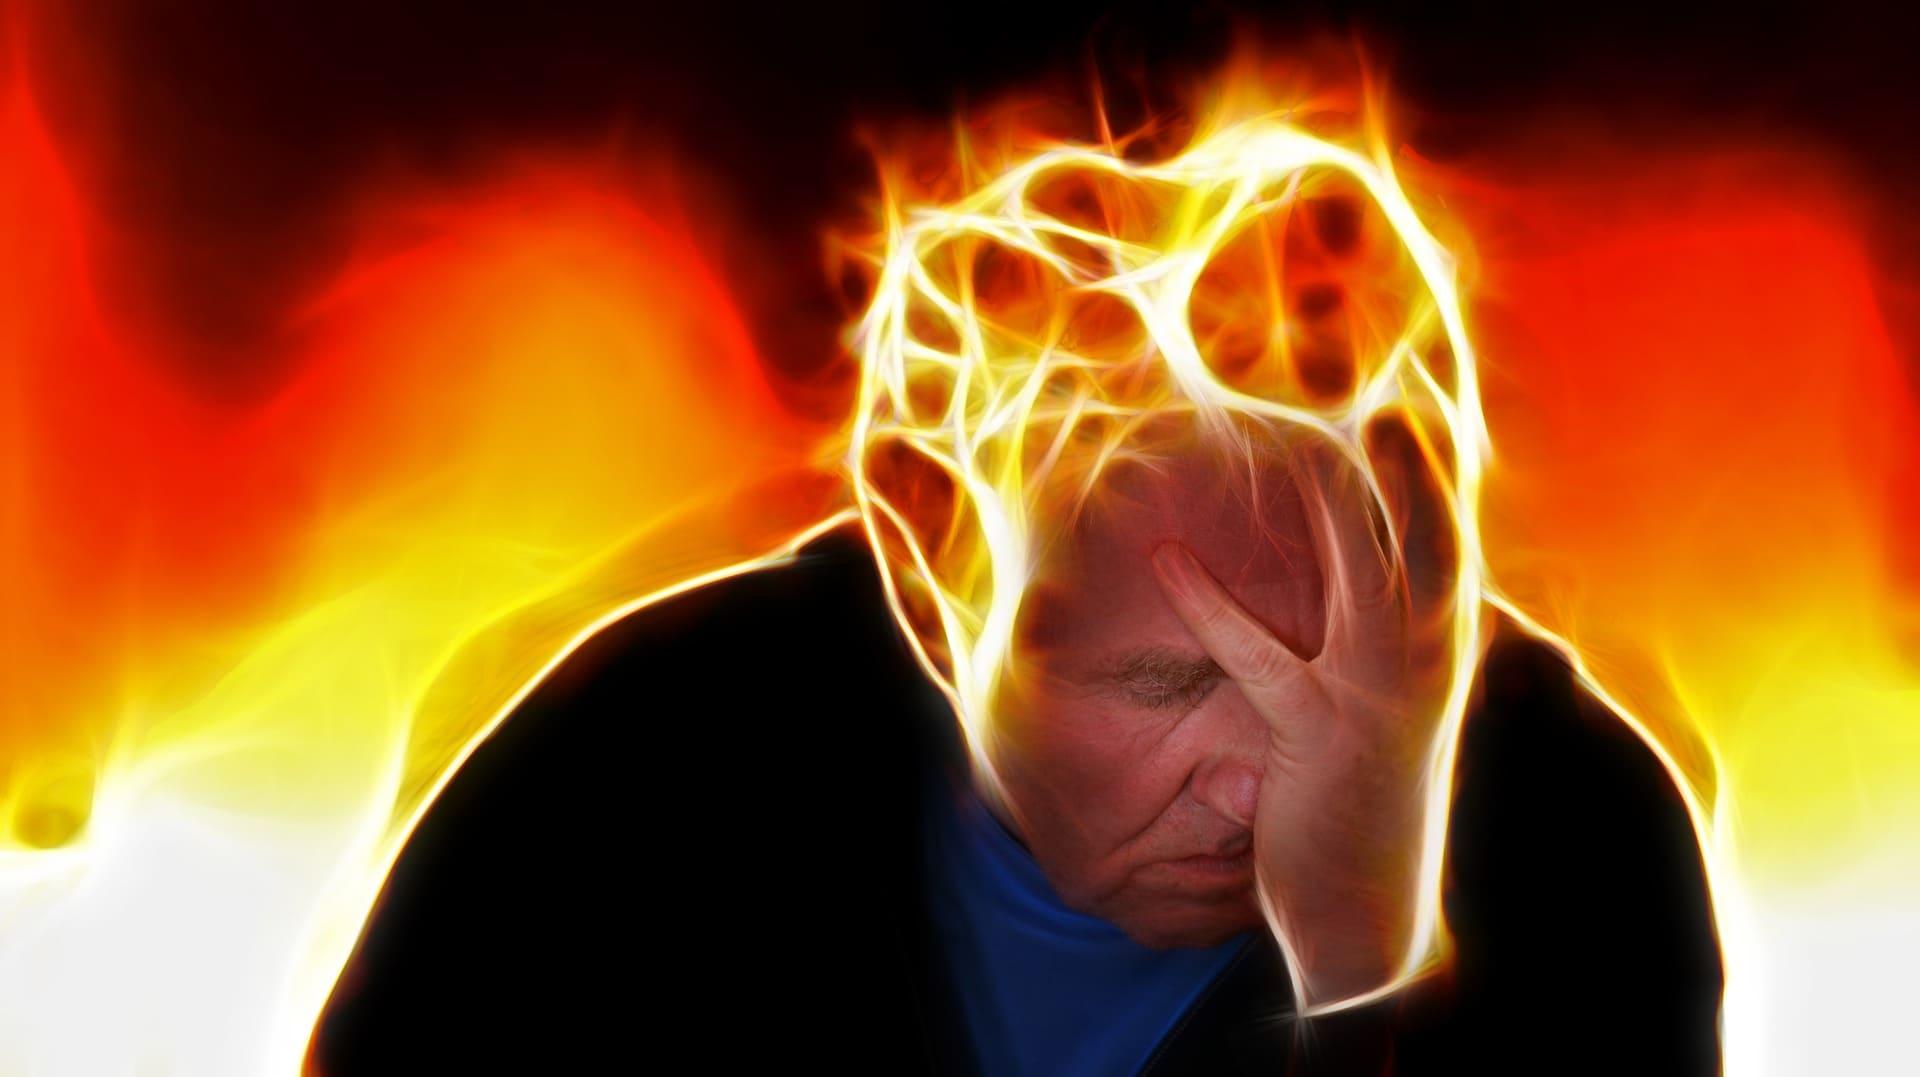 頭痛を感じる人